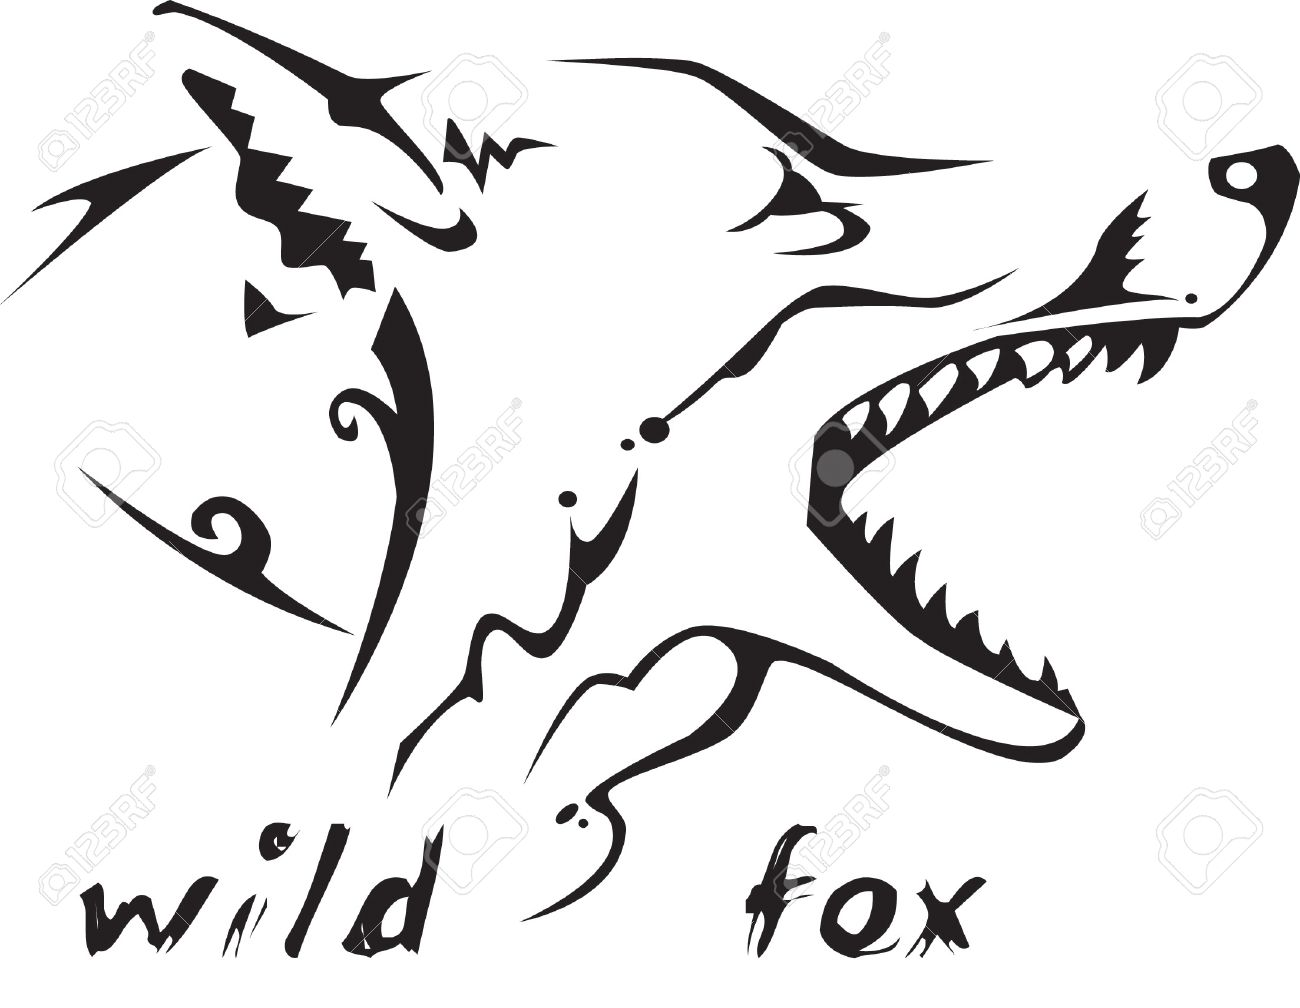 banque dimages noir et blanc vecteur renard sauvage tte tatouage tribal style trs facile modifier tous les lments sont spars